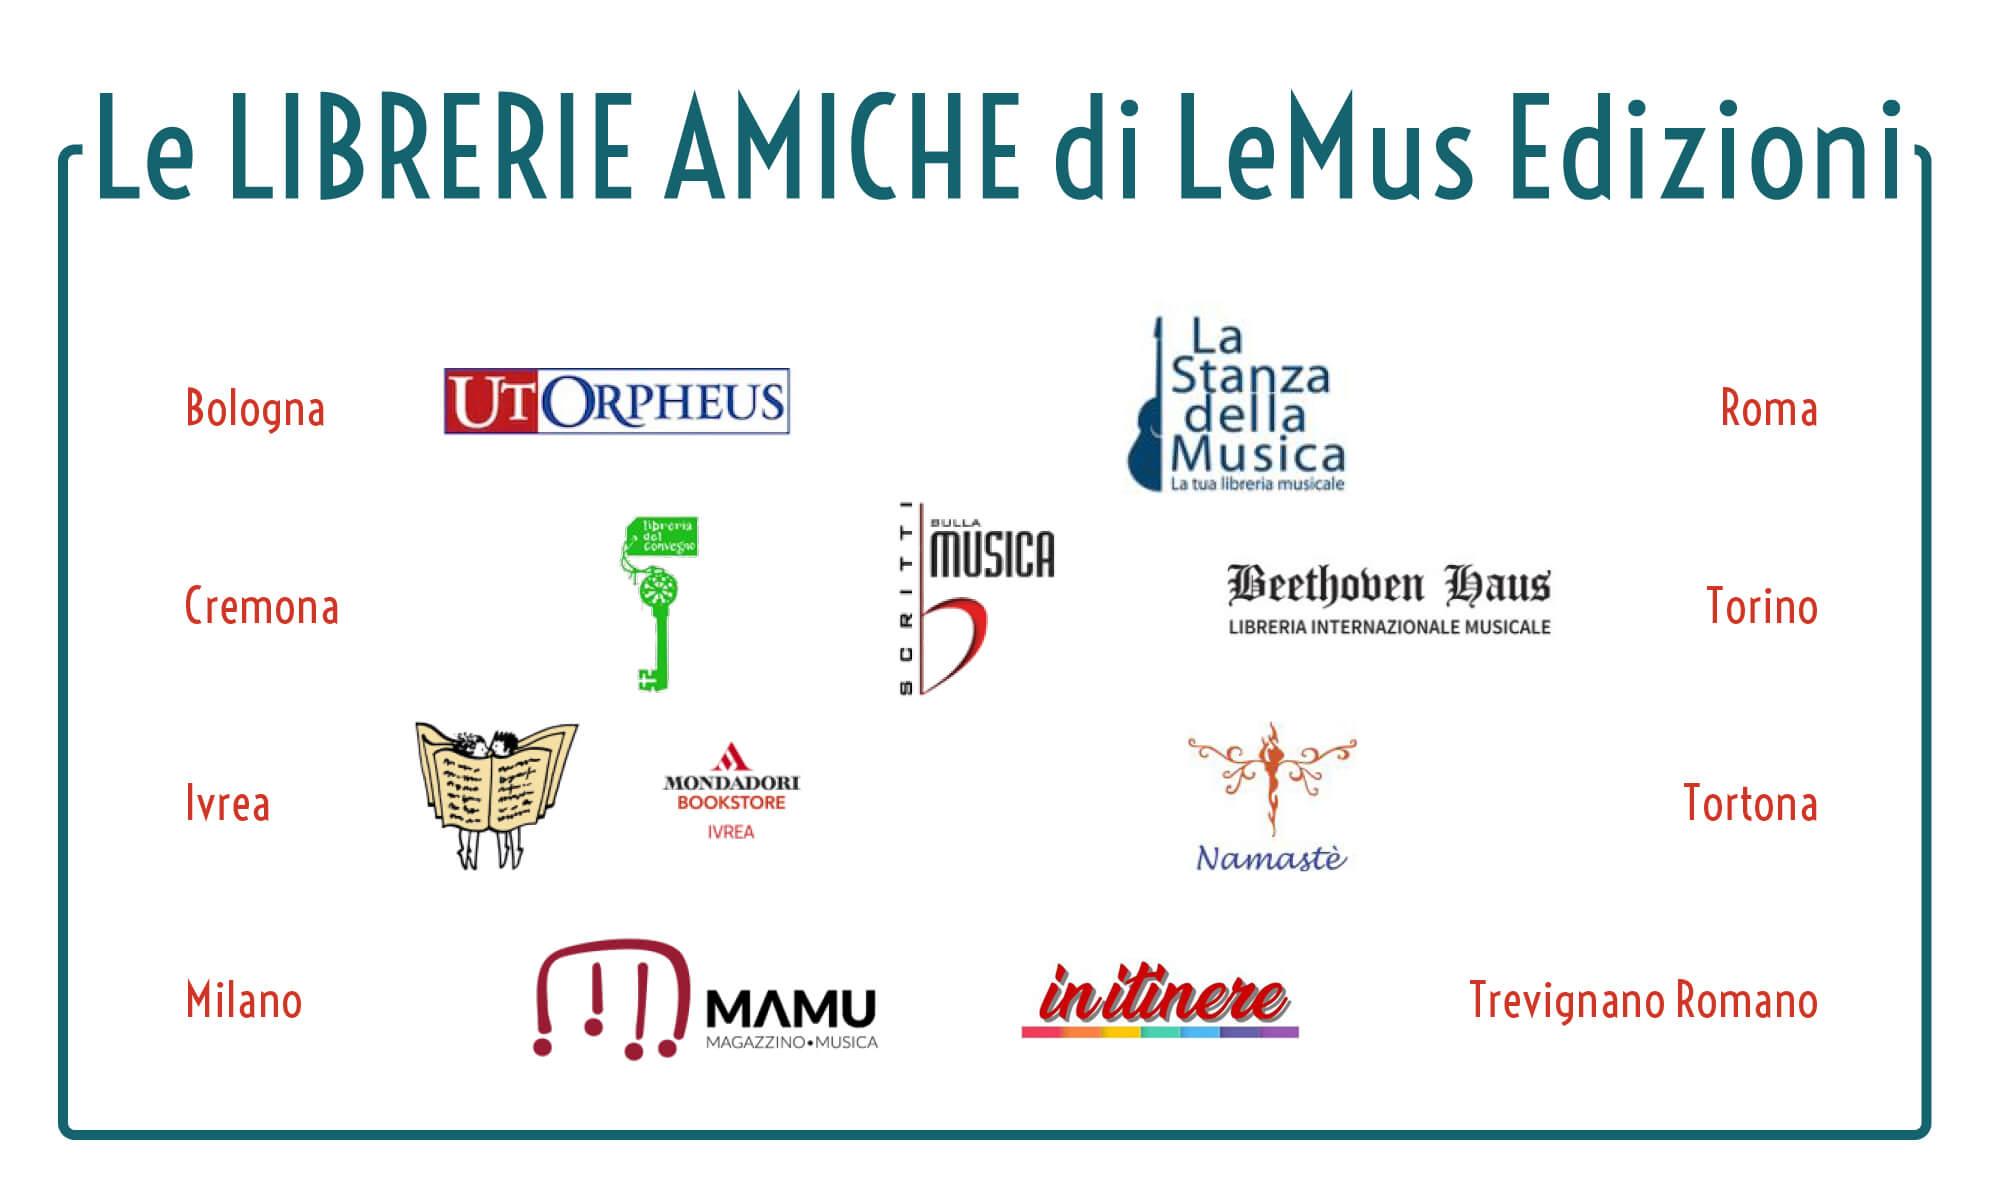 Librerie Amiche LeMus Edizioni